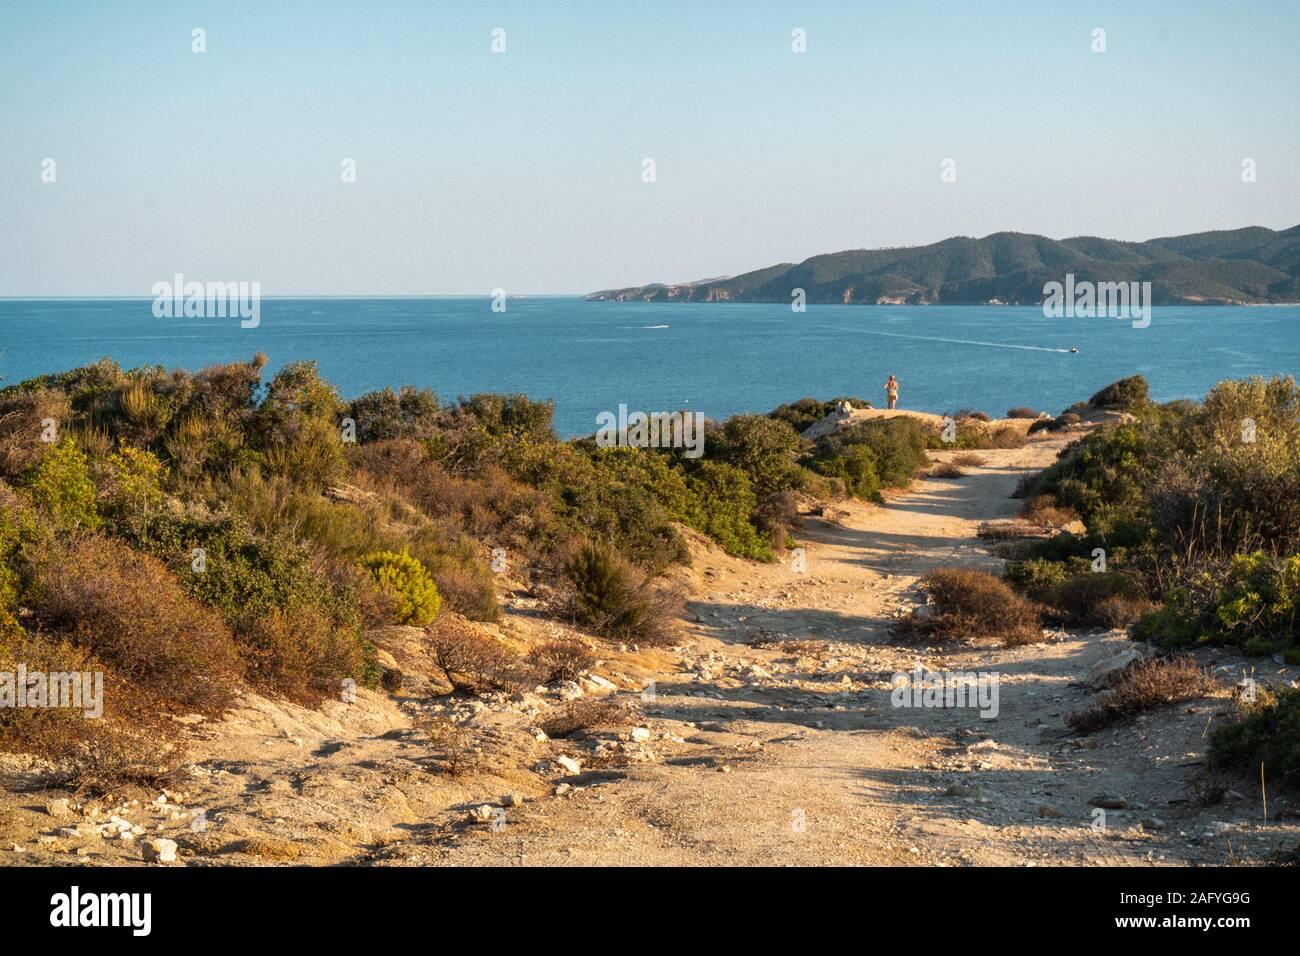 Mer et ombres sur la route horizontale en Grèce Banque D'Images